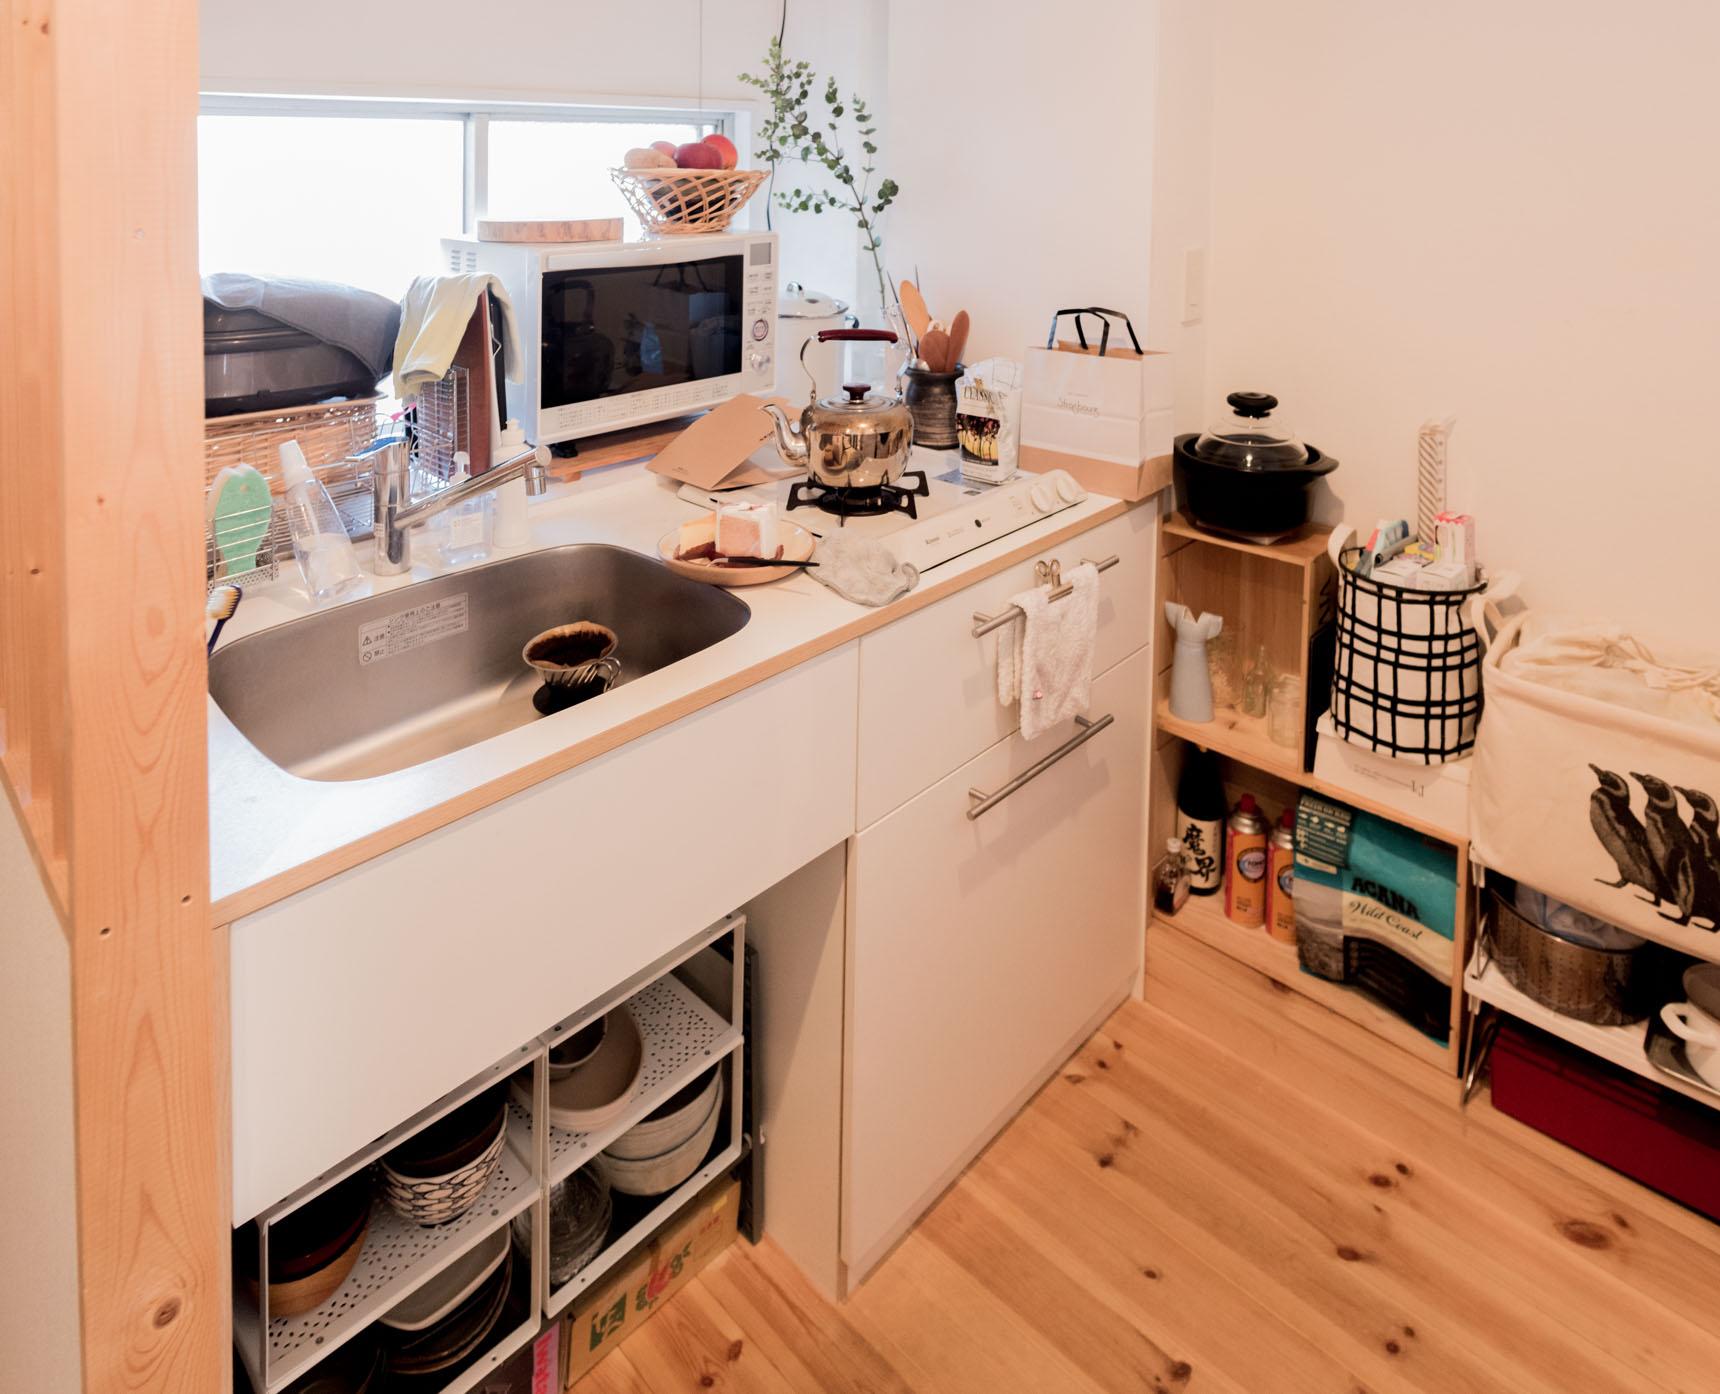 キッチンもコンパクトだが、ものをしまう場所をしっかりと用意して、機能的に使っている